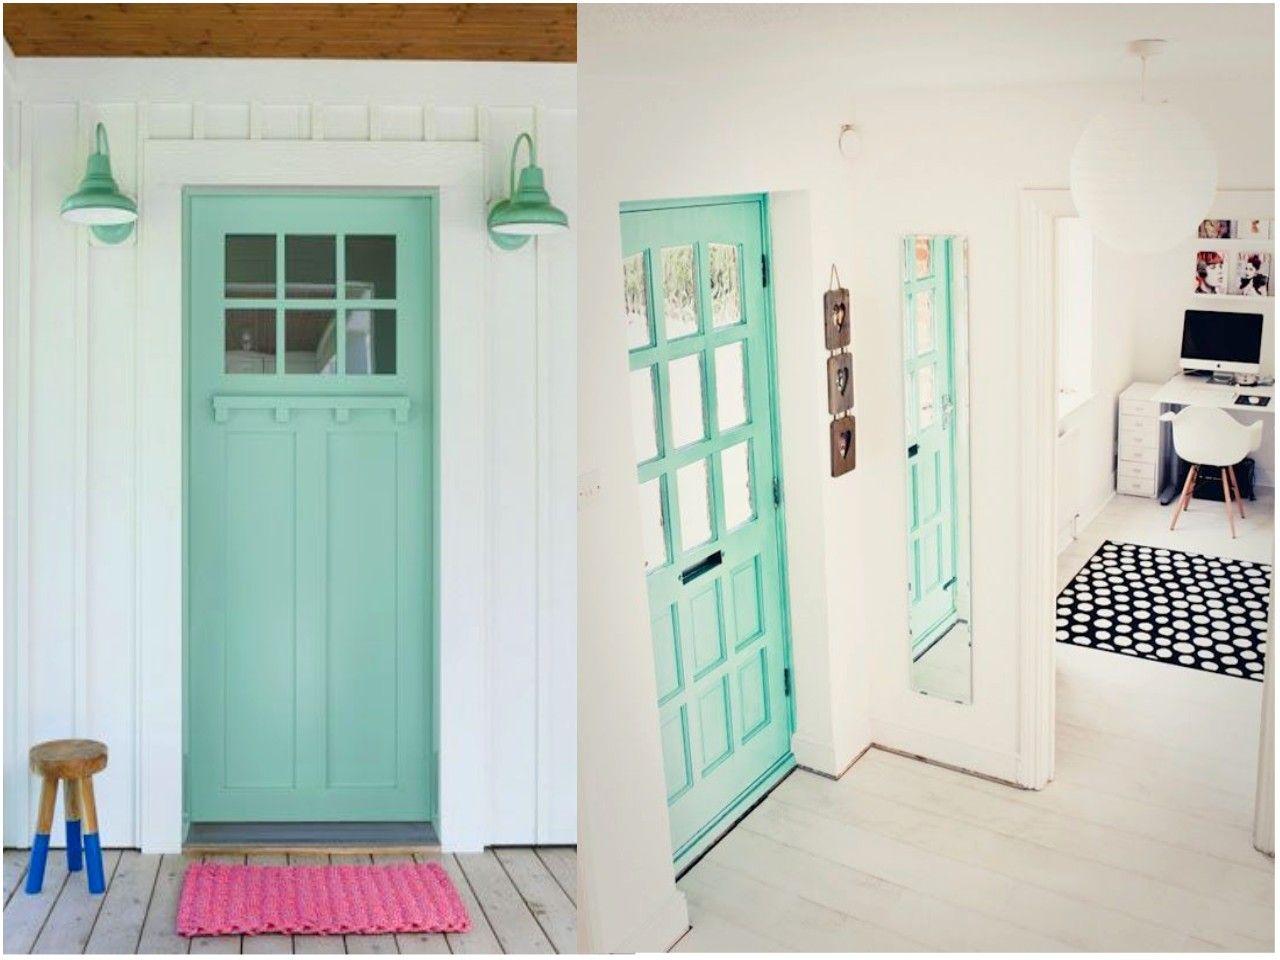 Como Pintar Las Puertas De Casa Ideas E Inspiracion Pintar Puertas Interiores Puertas De Colores Puertas Pintadas